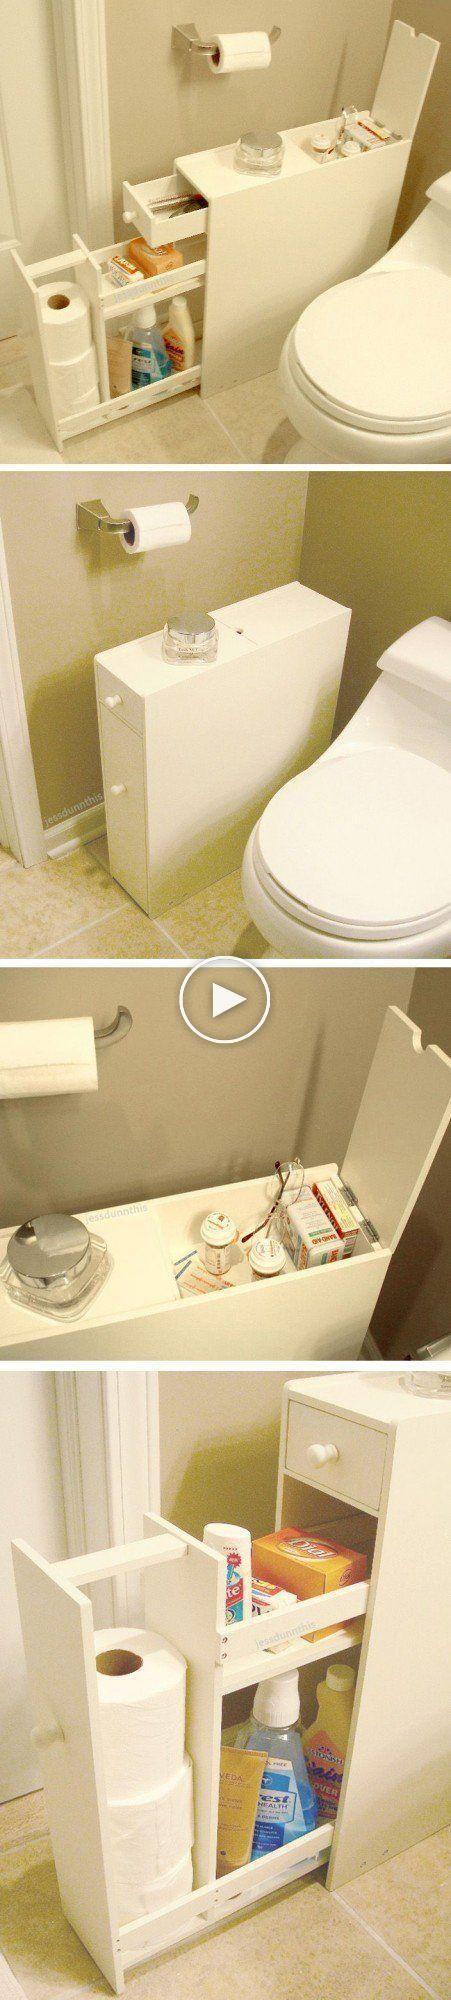 25 faszinierende DIY-Ideen für die Organisation von Dingen im Badezimmer CooleTipps.de - .....,  #Badezimmer #CooleTippsde #Die #Dingen #DIYIdeen #faszinierende #für #Organisation #organisereninhuis #von